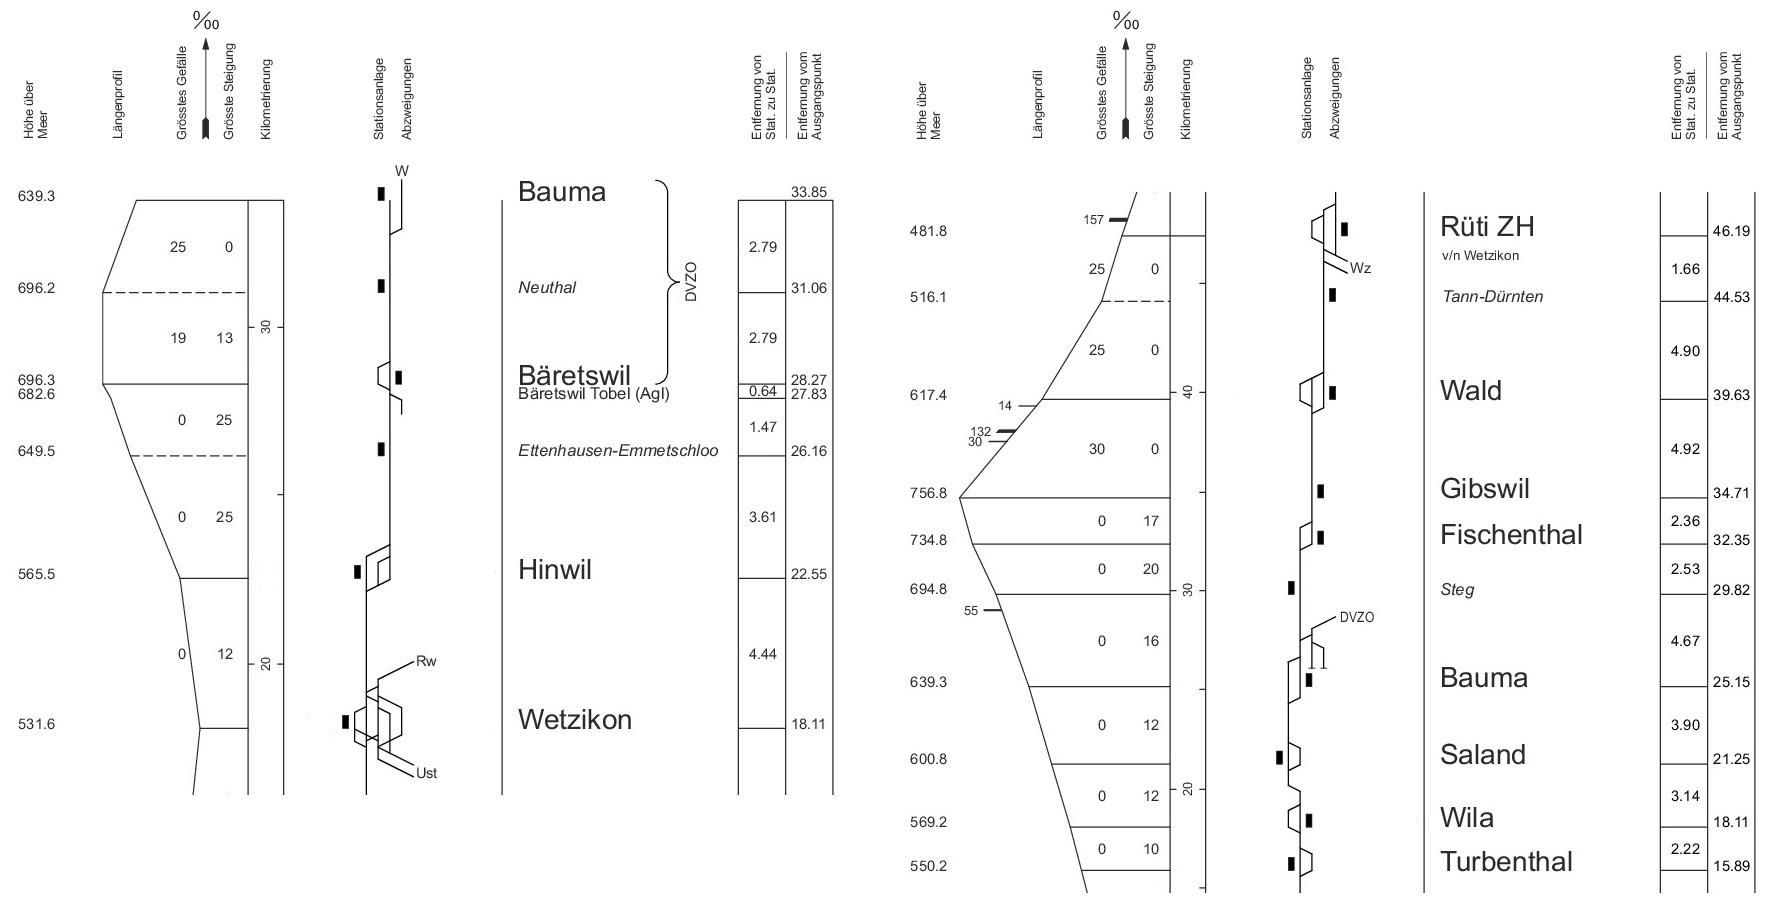 Streckenprofile